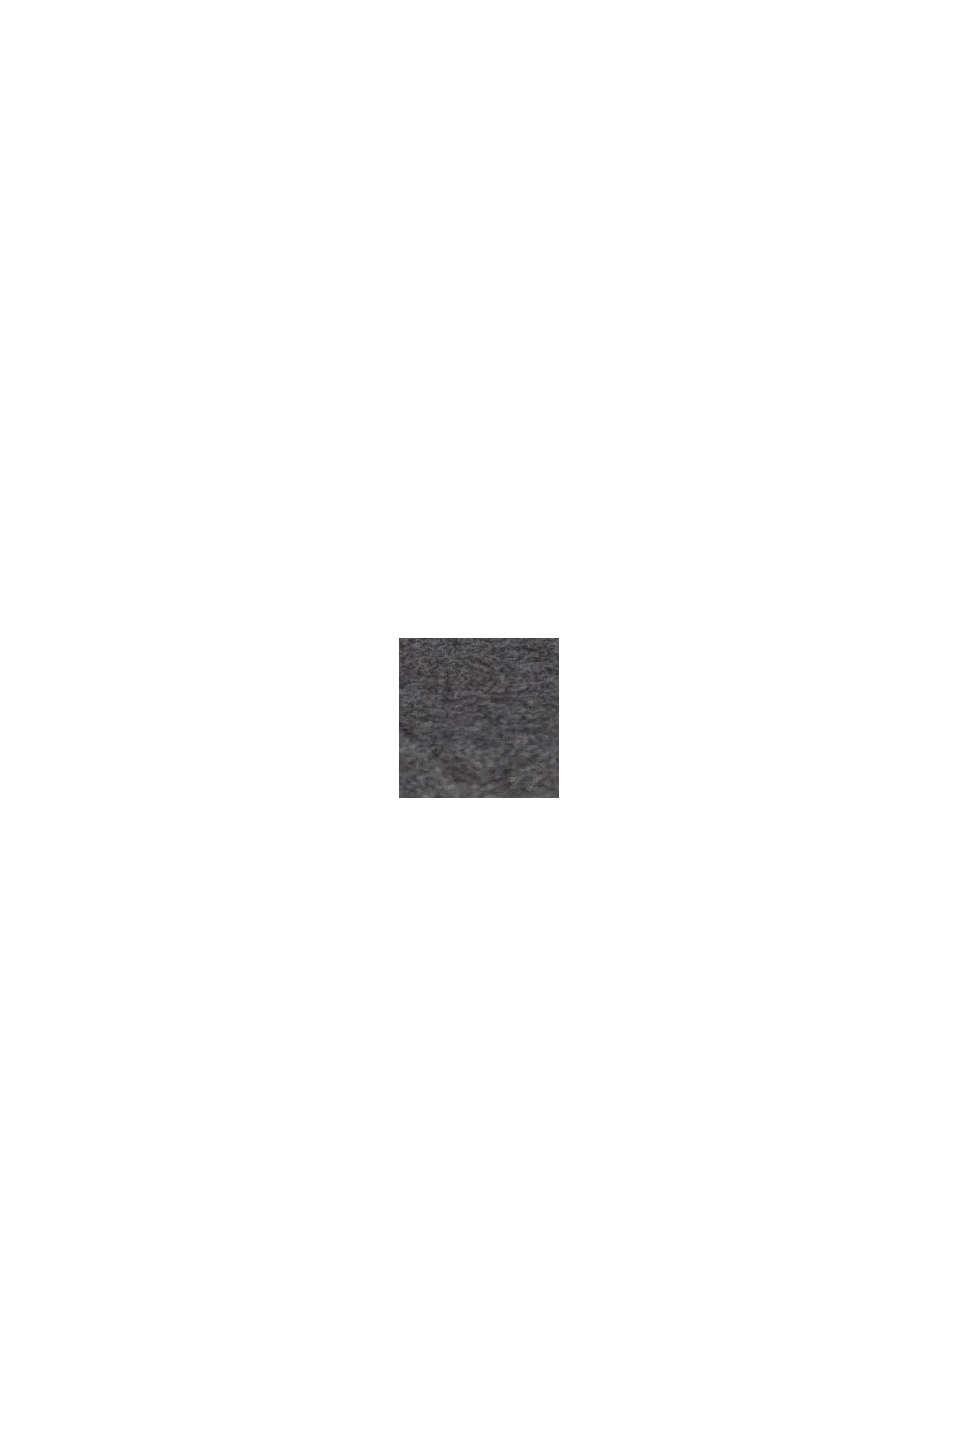 Vegansk: ur i rustfrit stål med urrem i læderlook, BLACK, swatch